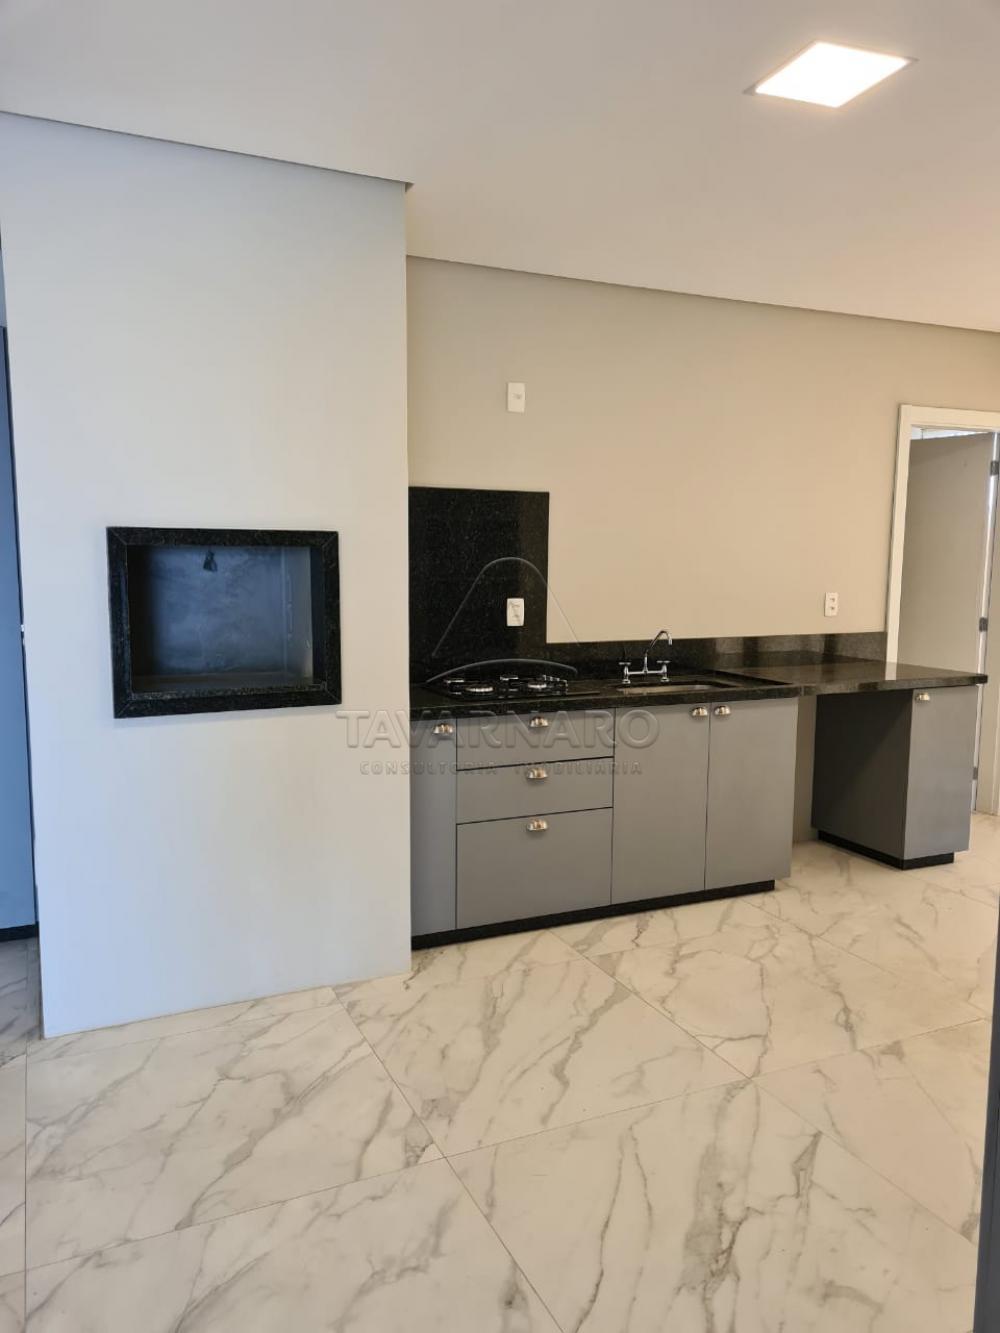 Comprar Apartamento / Padrão em Ponta Grossa R$ 1.100.000,00 - Foto 6